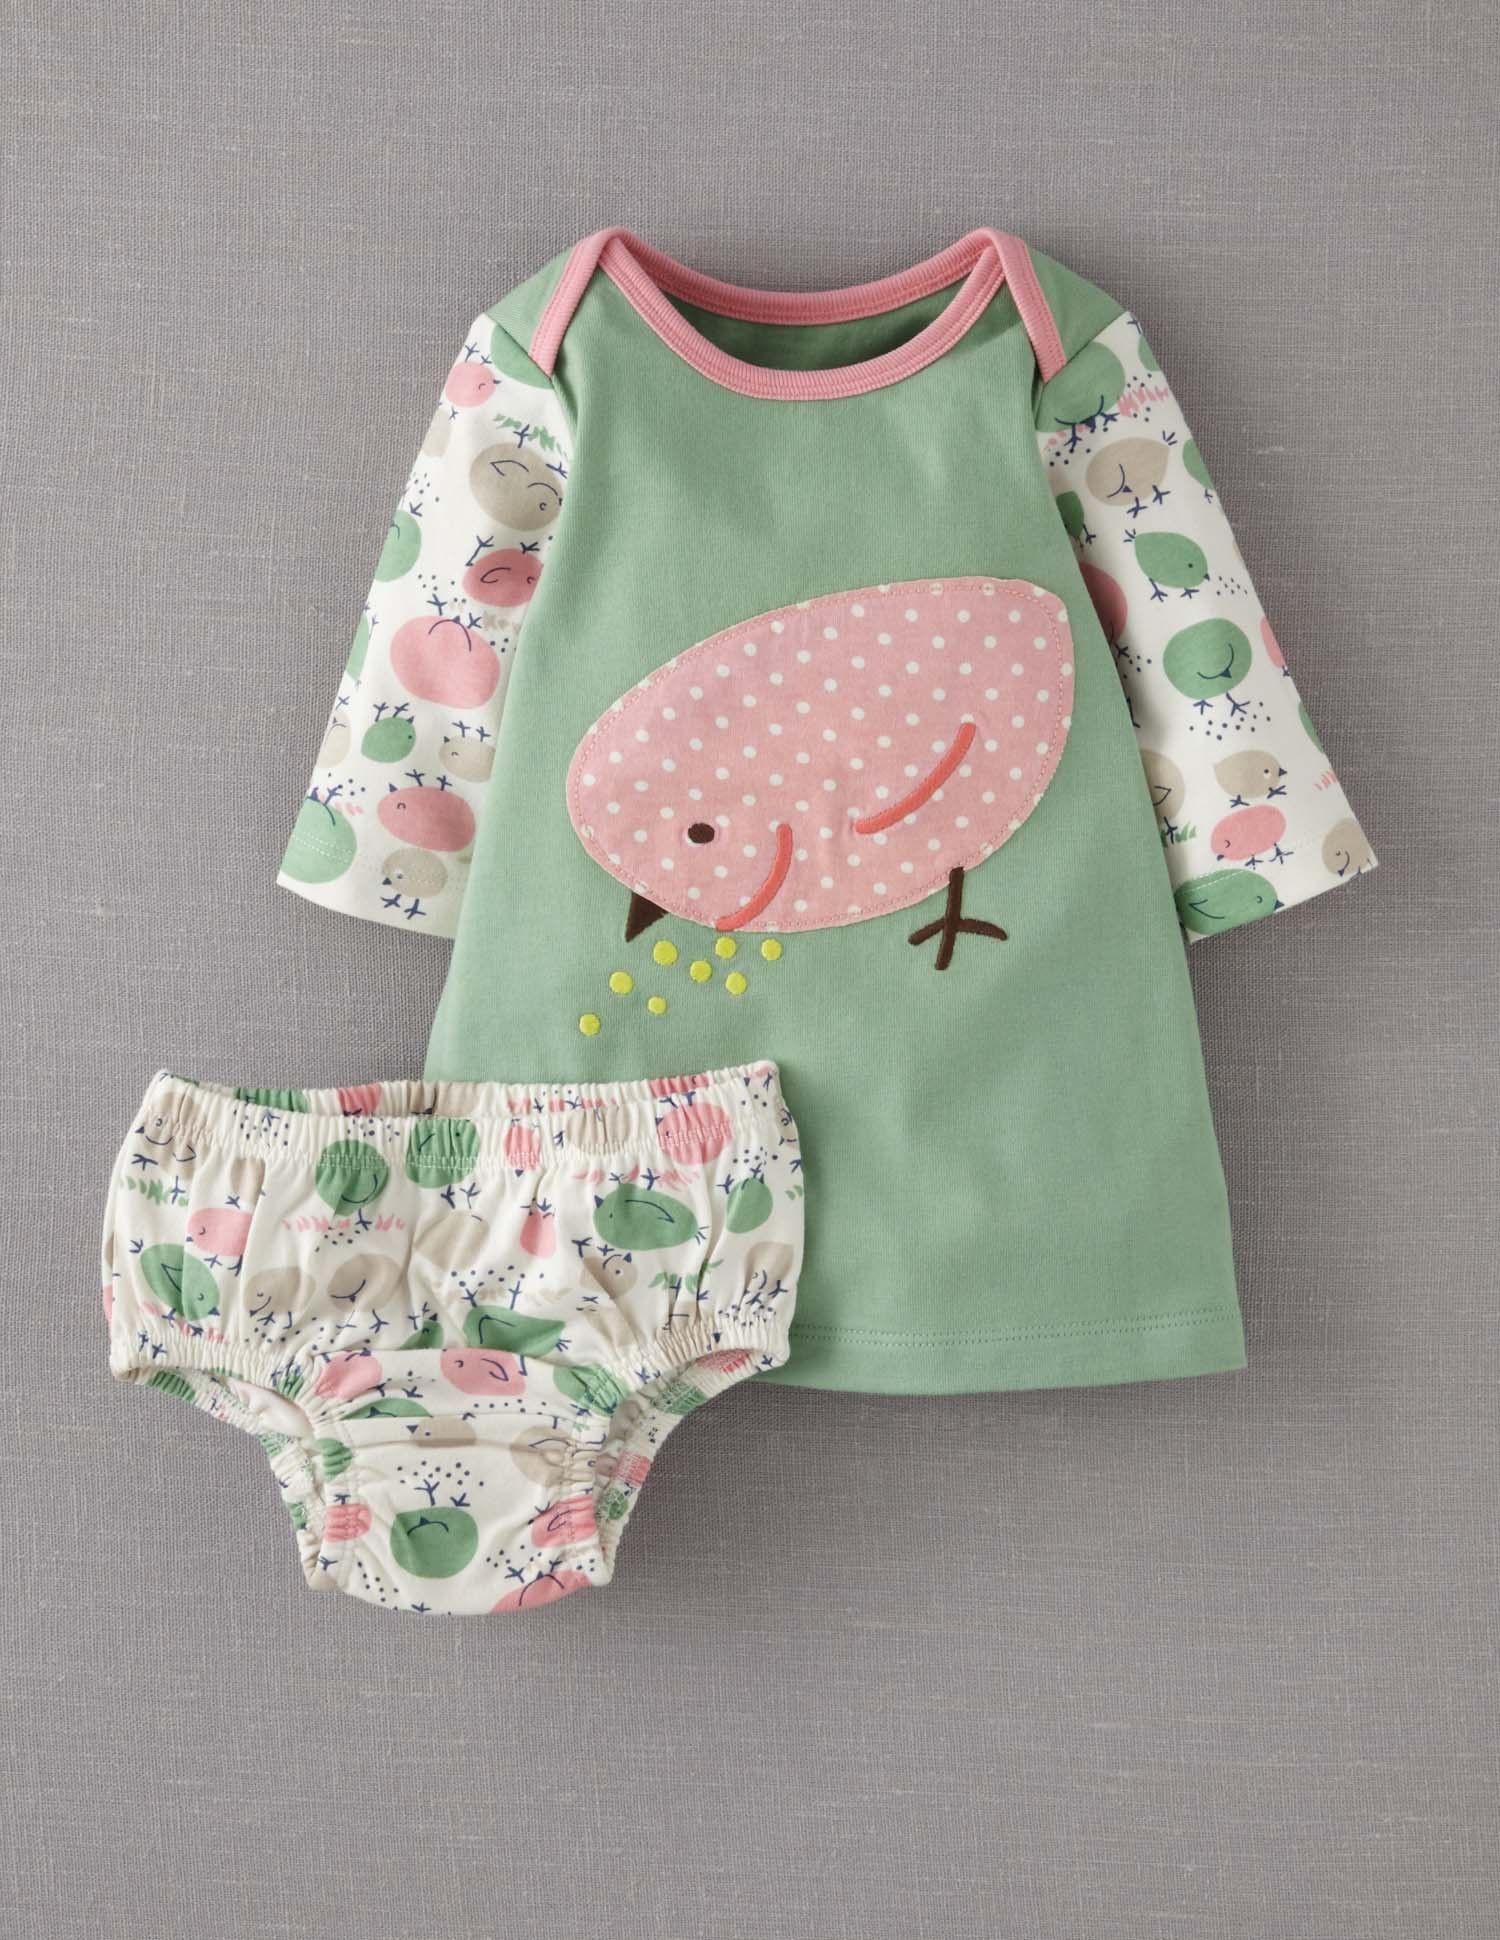 Jerseykleid mit applikation 73086 kleider bei boden for Baby boden mode